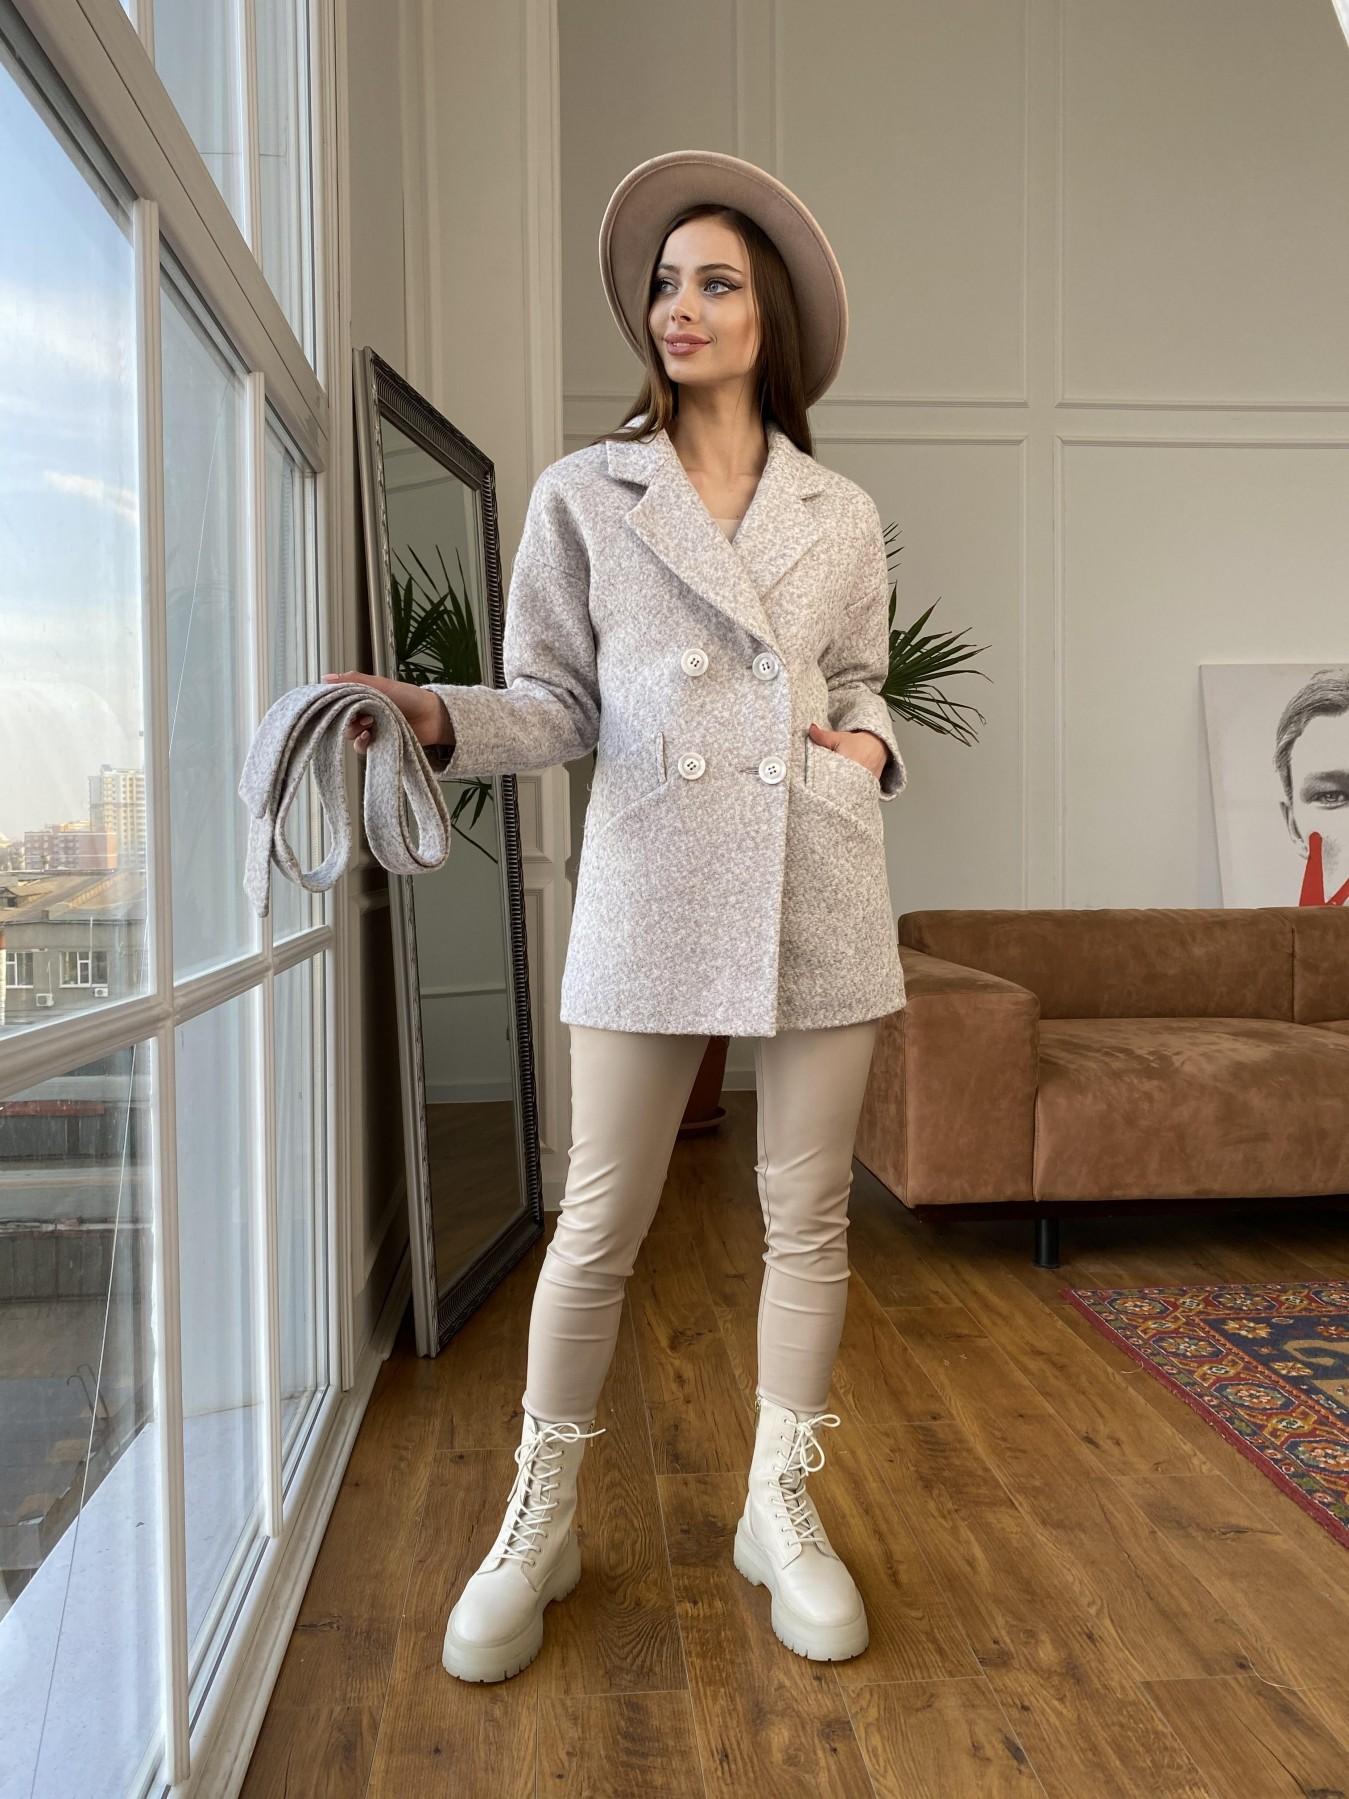 Бонд пальто из шерсти букле  10770 АРТ. 47496 Цвет: Серо-бежевый - фото 1, интернет магазин tm-modus.ru